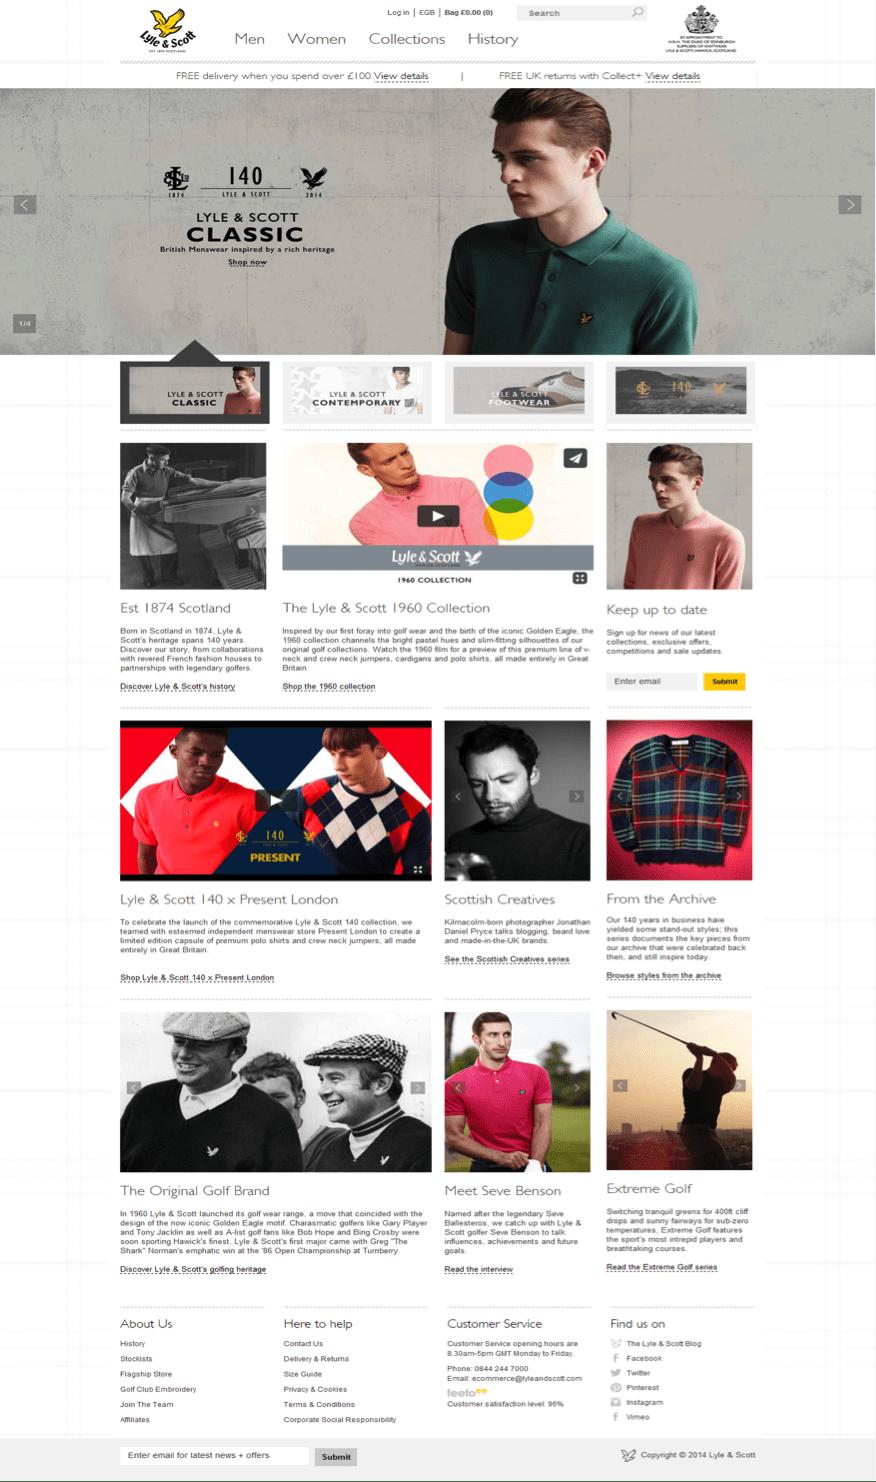 In-depth: A fashion brand CRO case study